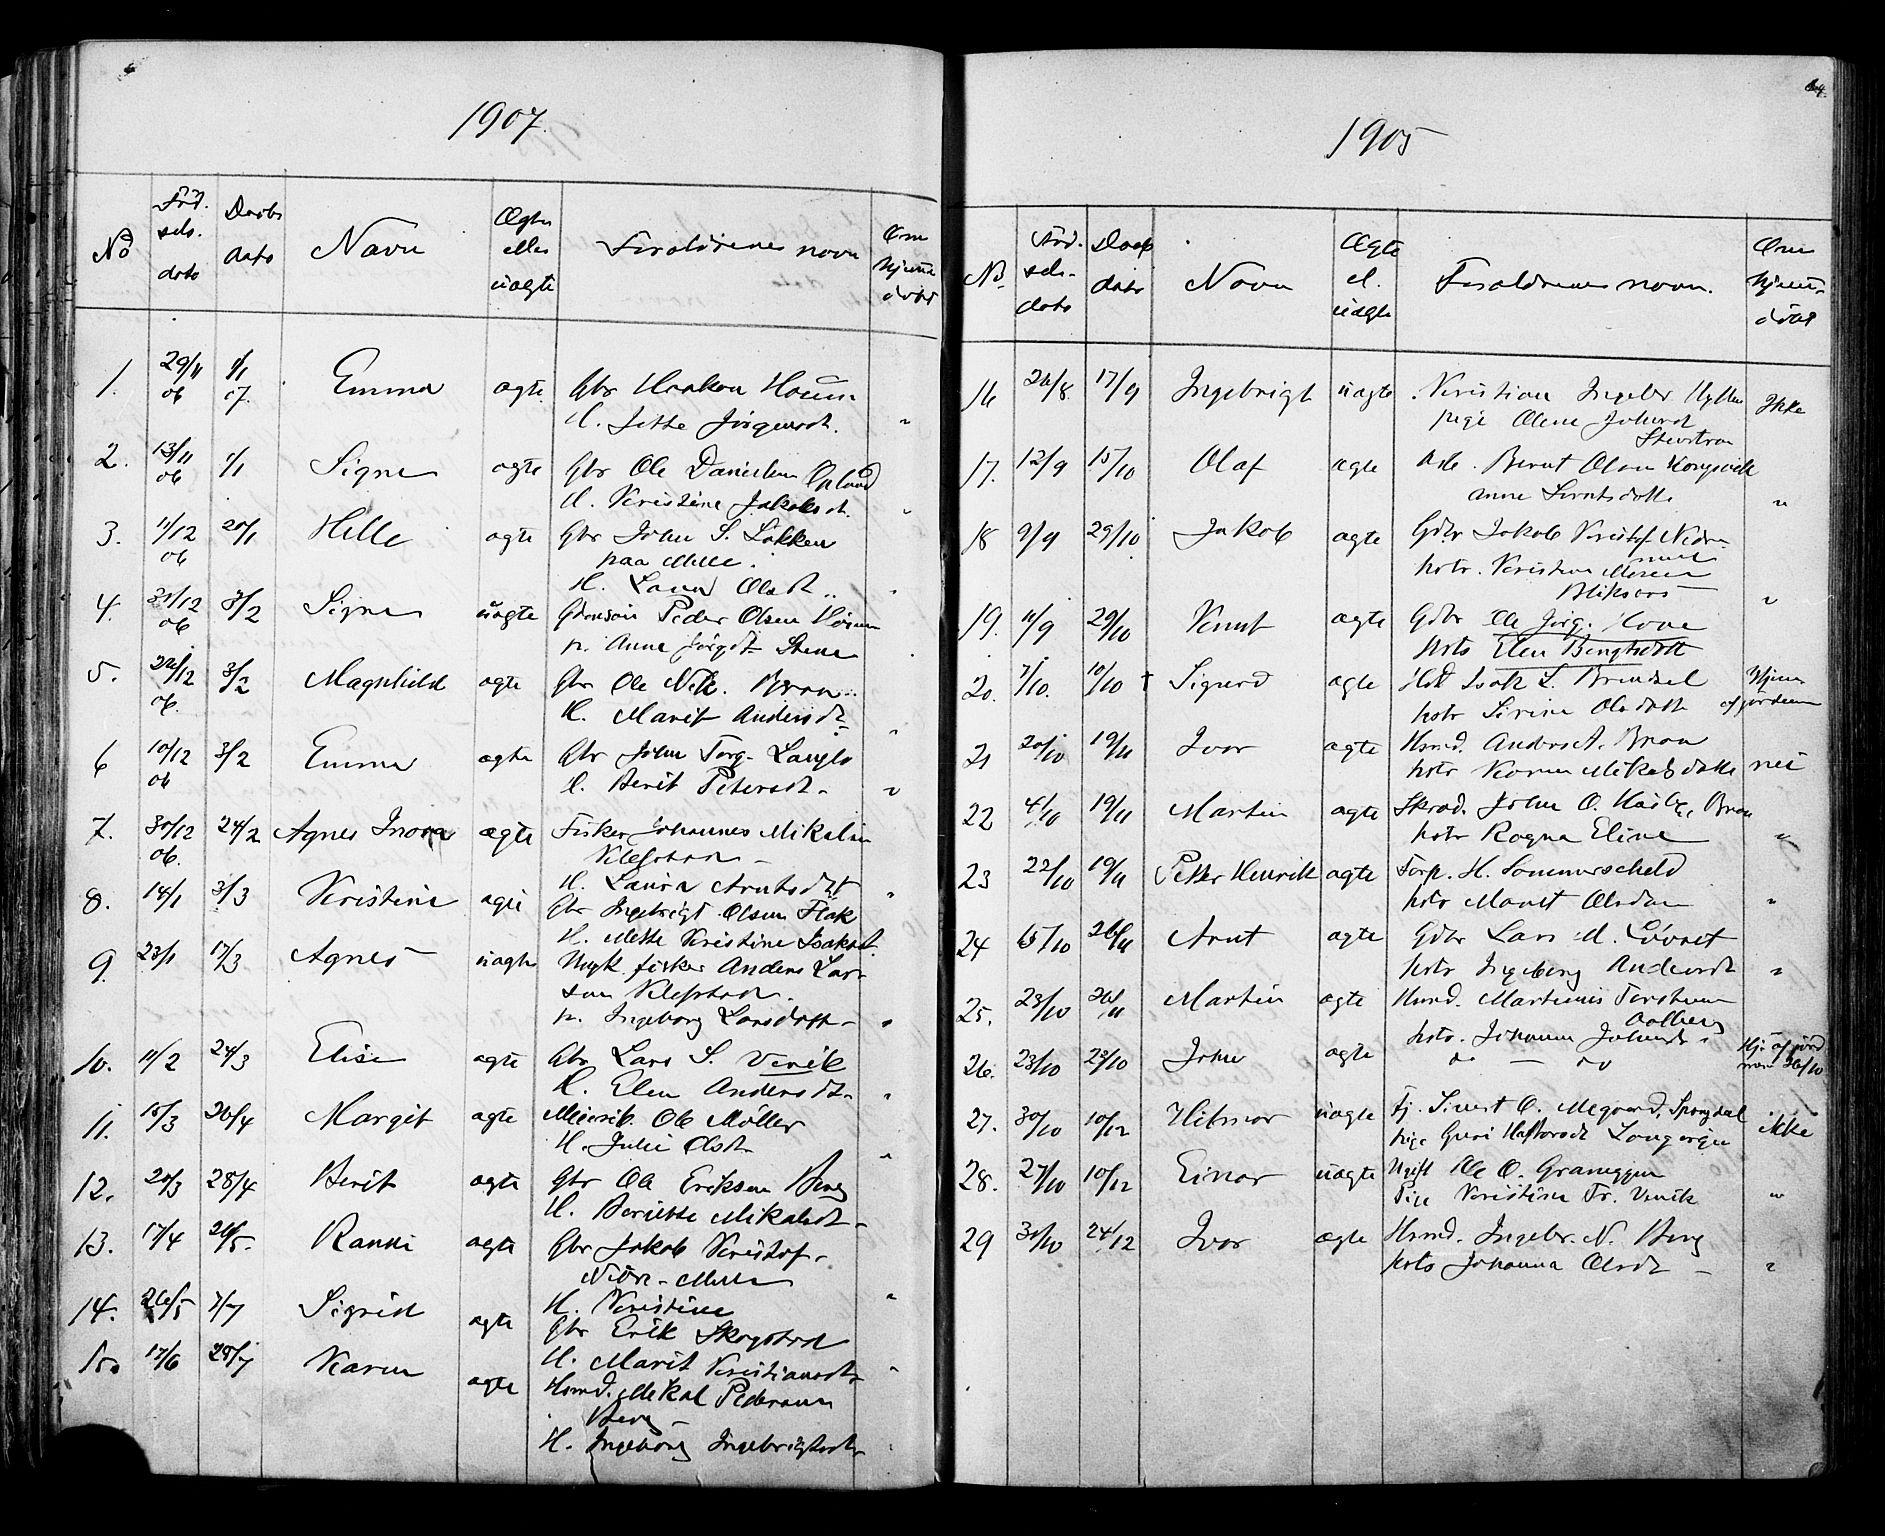 SAT, Ministerialprotokoller, klokkerbøker og fødselsregistre - Sør-Trøndelag, 612/L0387: Klokkerbok nr. 612C03, 1874-1908, s. 64